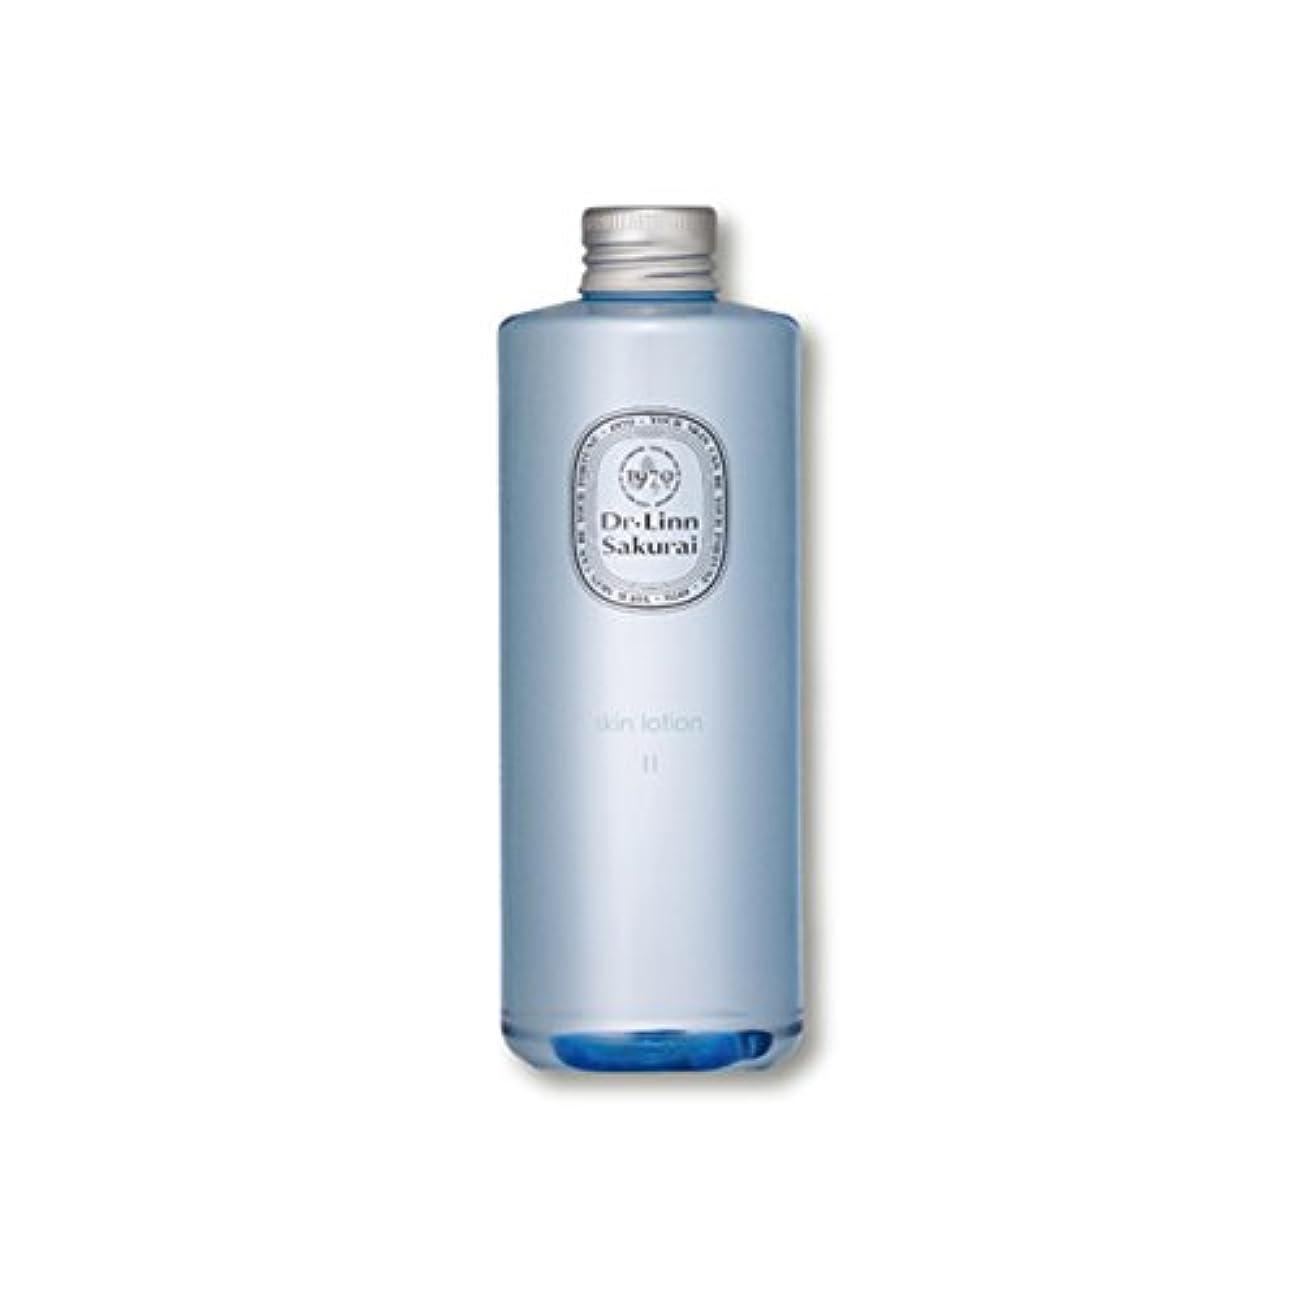 心配明るくするクレアドクターリンサクライ スキンローションII しっとりタイプ 300ml  (化粧水)